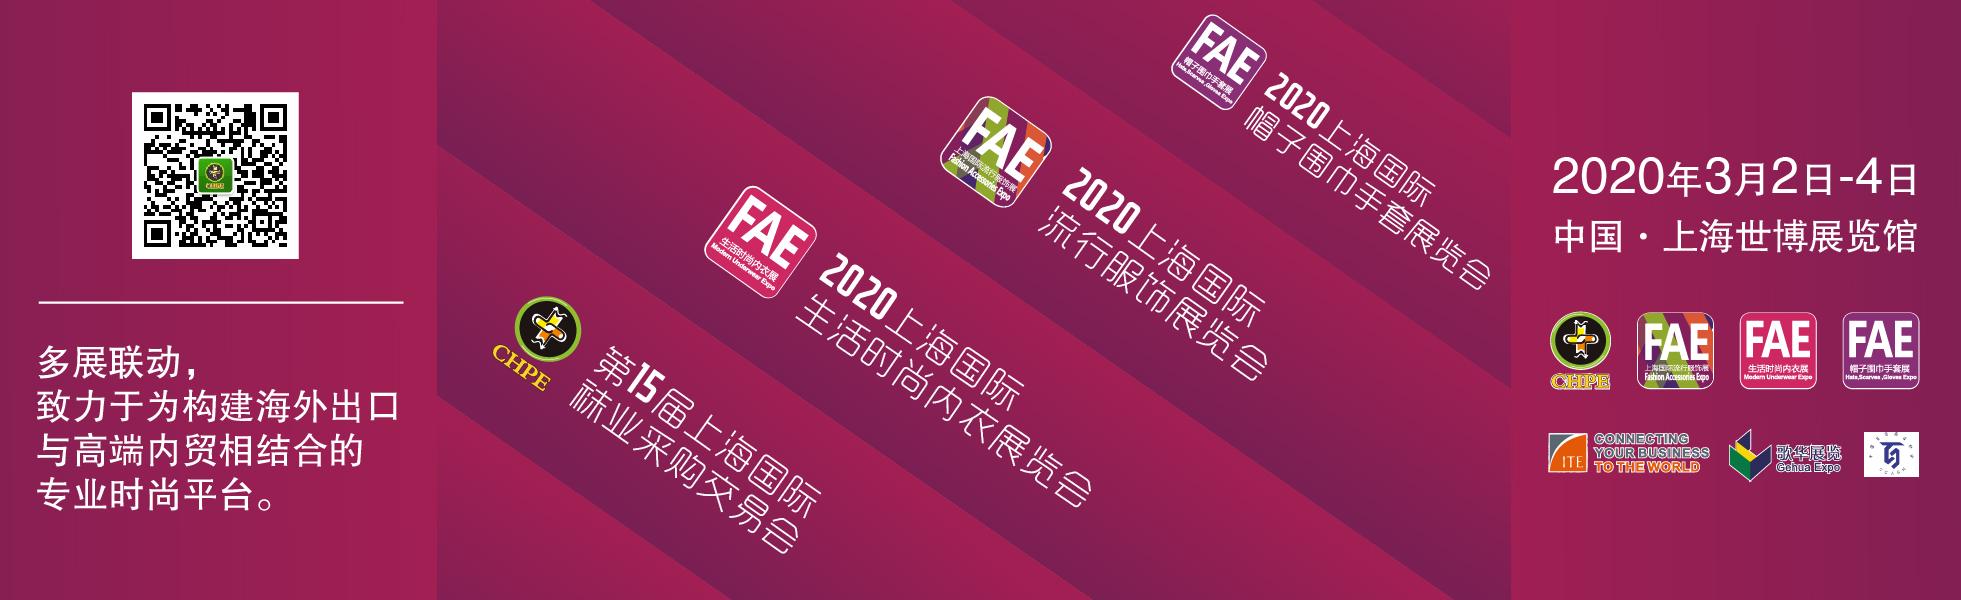 CHPE上海袜交会喜迎15华诞,超级IP力求再度突破(图3)